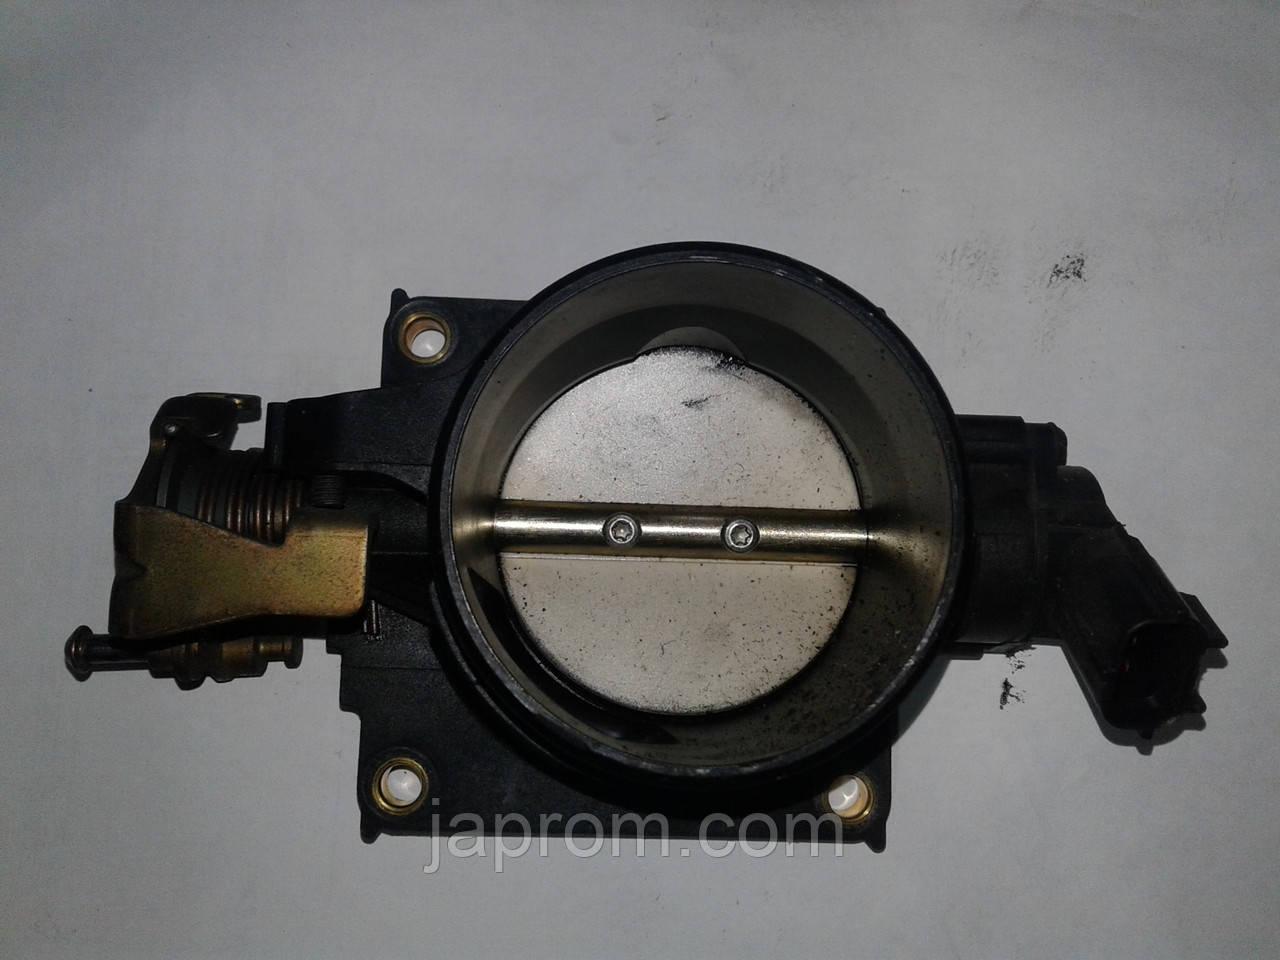 Дроссельная заслонка Mazda 6 GG 2002-2005г.в. 2.0 2.3 бензин